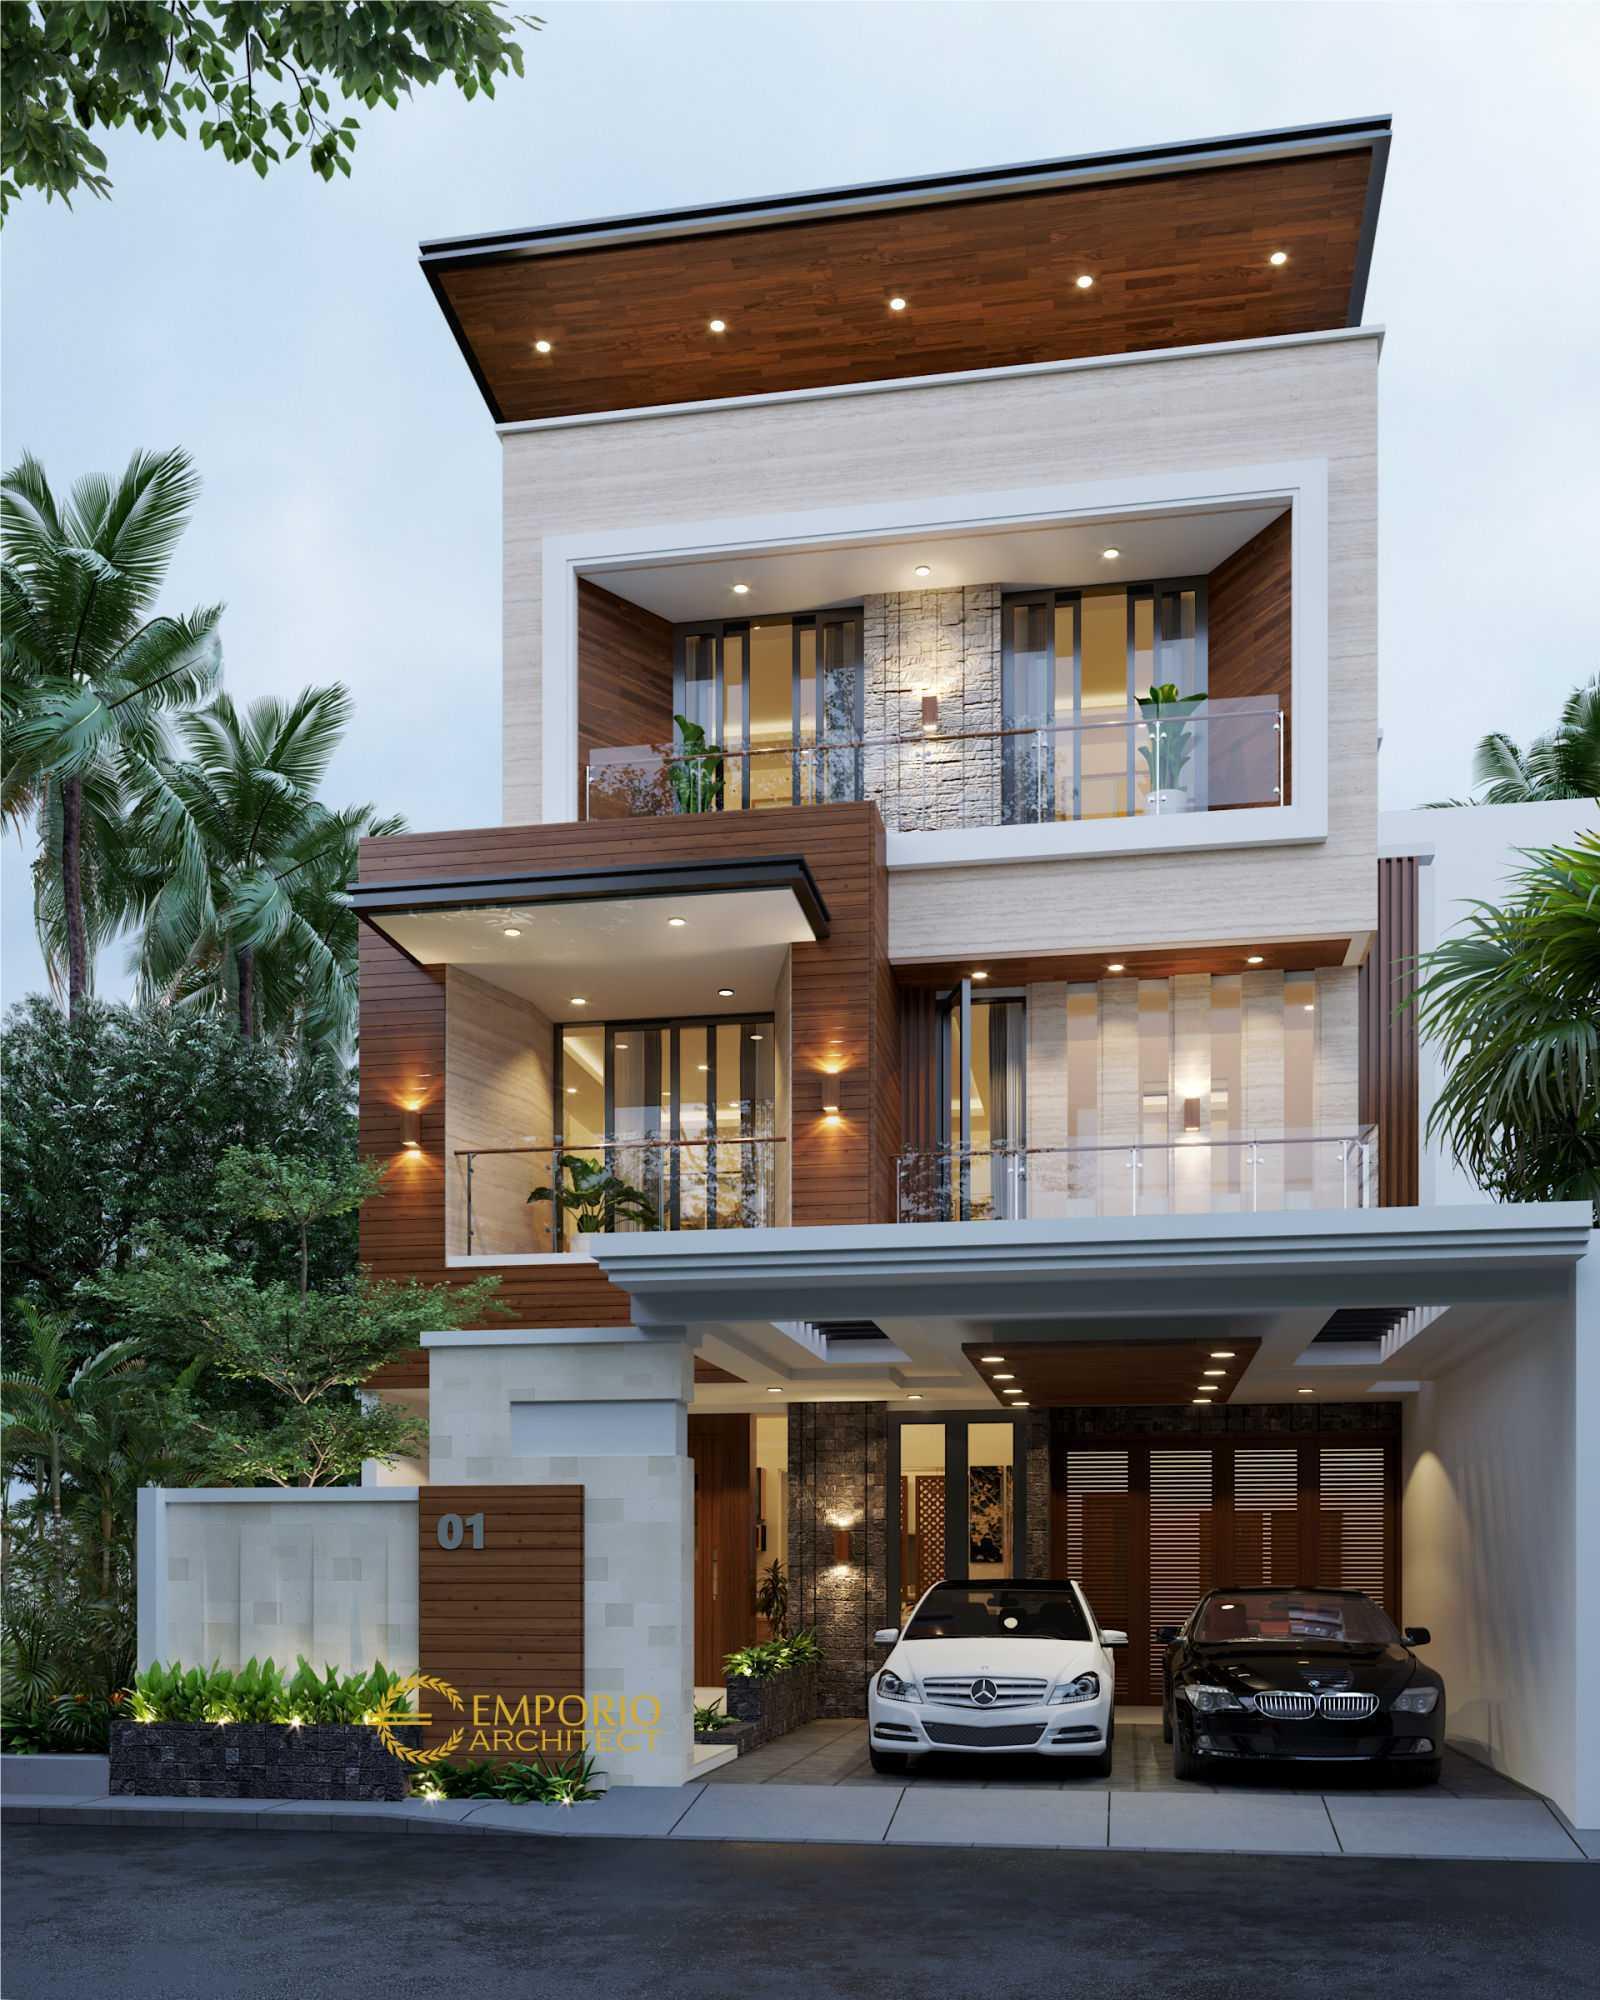 Emporio Architect Jasa Arsitek Tangerang Desain Rumah Modern Tropis 618 @ Tangerang Tangerang, Kota Tangerang, Banten, Indonesia Tangerang, Kota Tangerang, Banten, Indonesia Emporio-Architect-Jasa-Arsitek-Tangerang-Desain-Rumah-Modern-Tropis-618-Tangerang Modern 82667